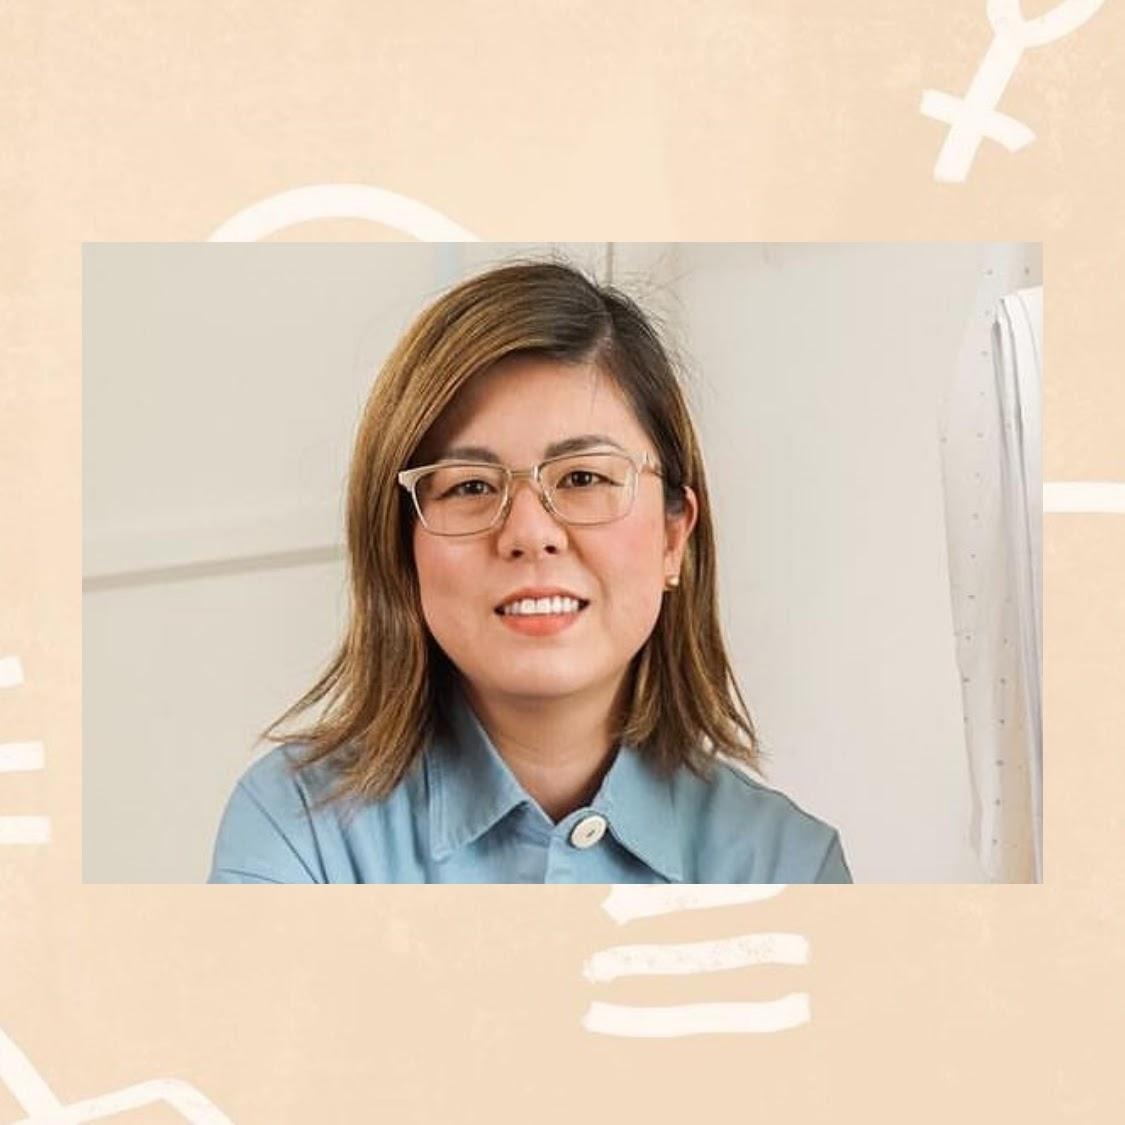 Lisa of Mien Studios